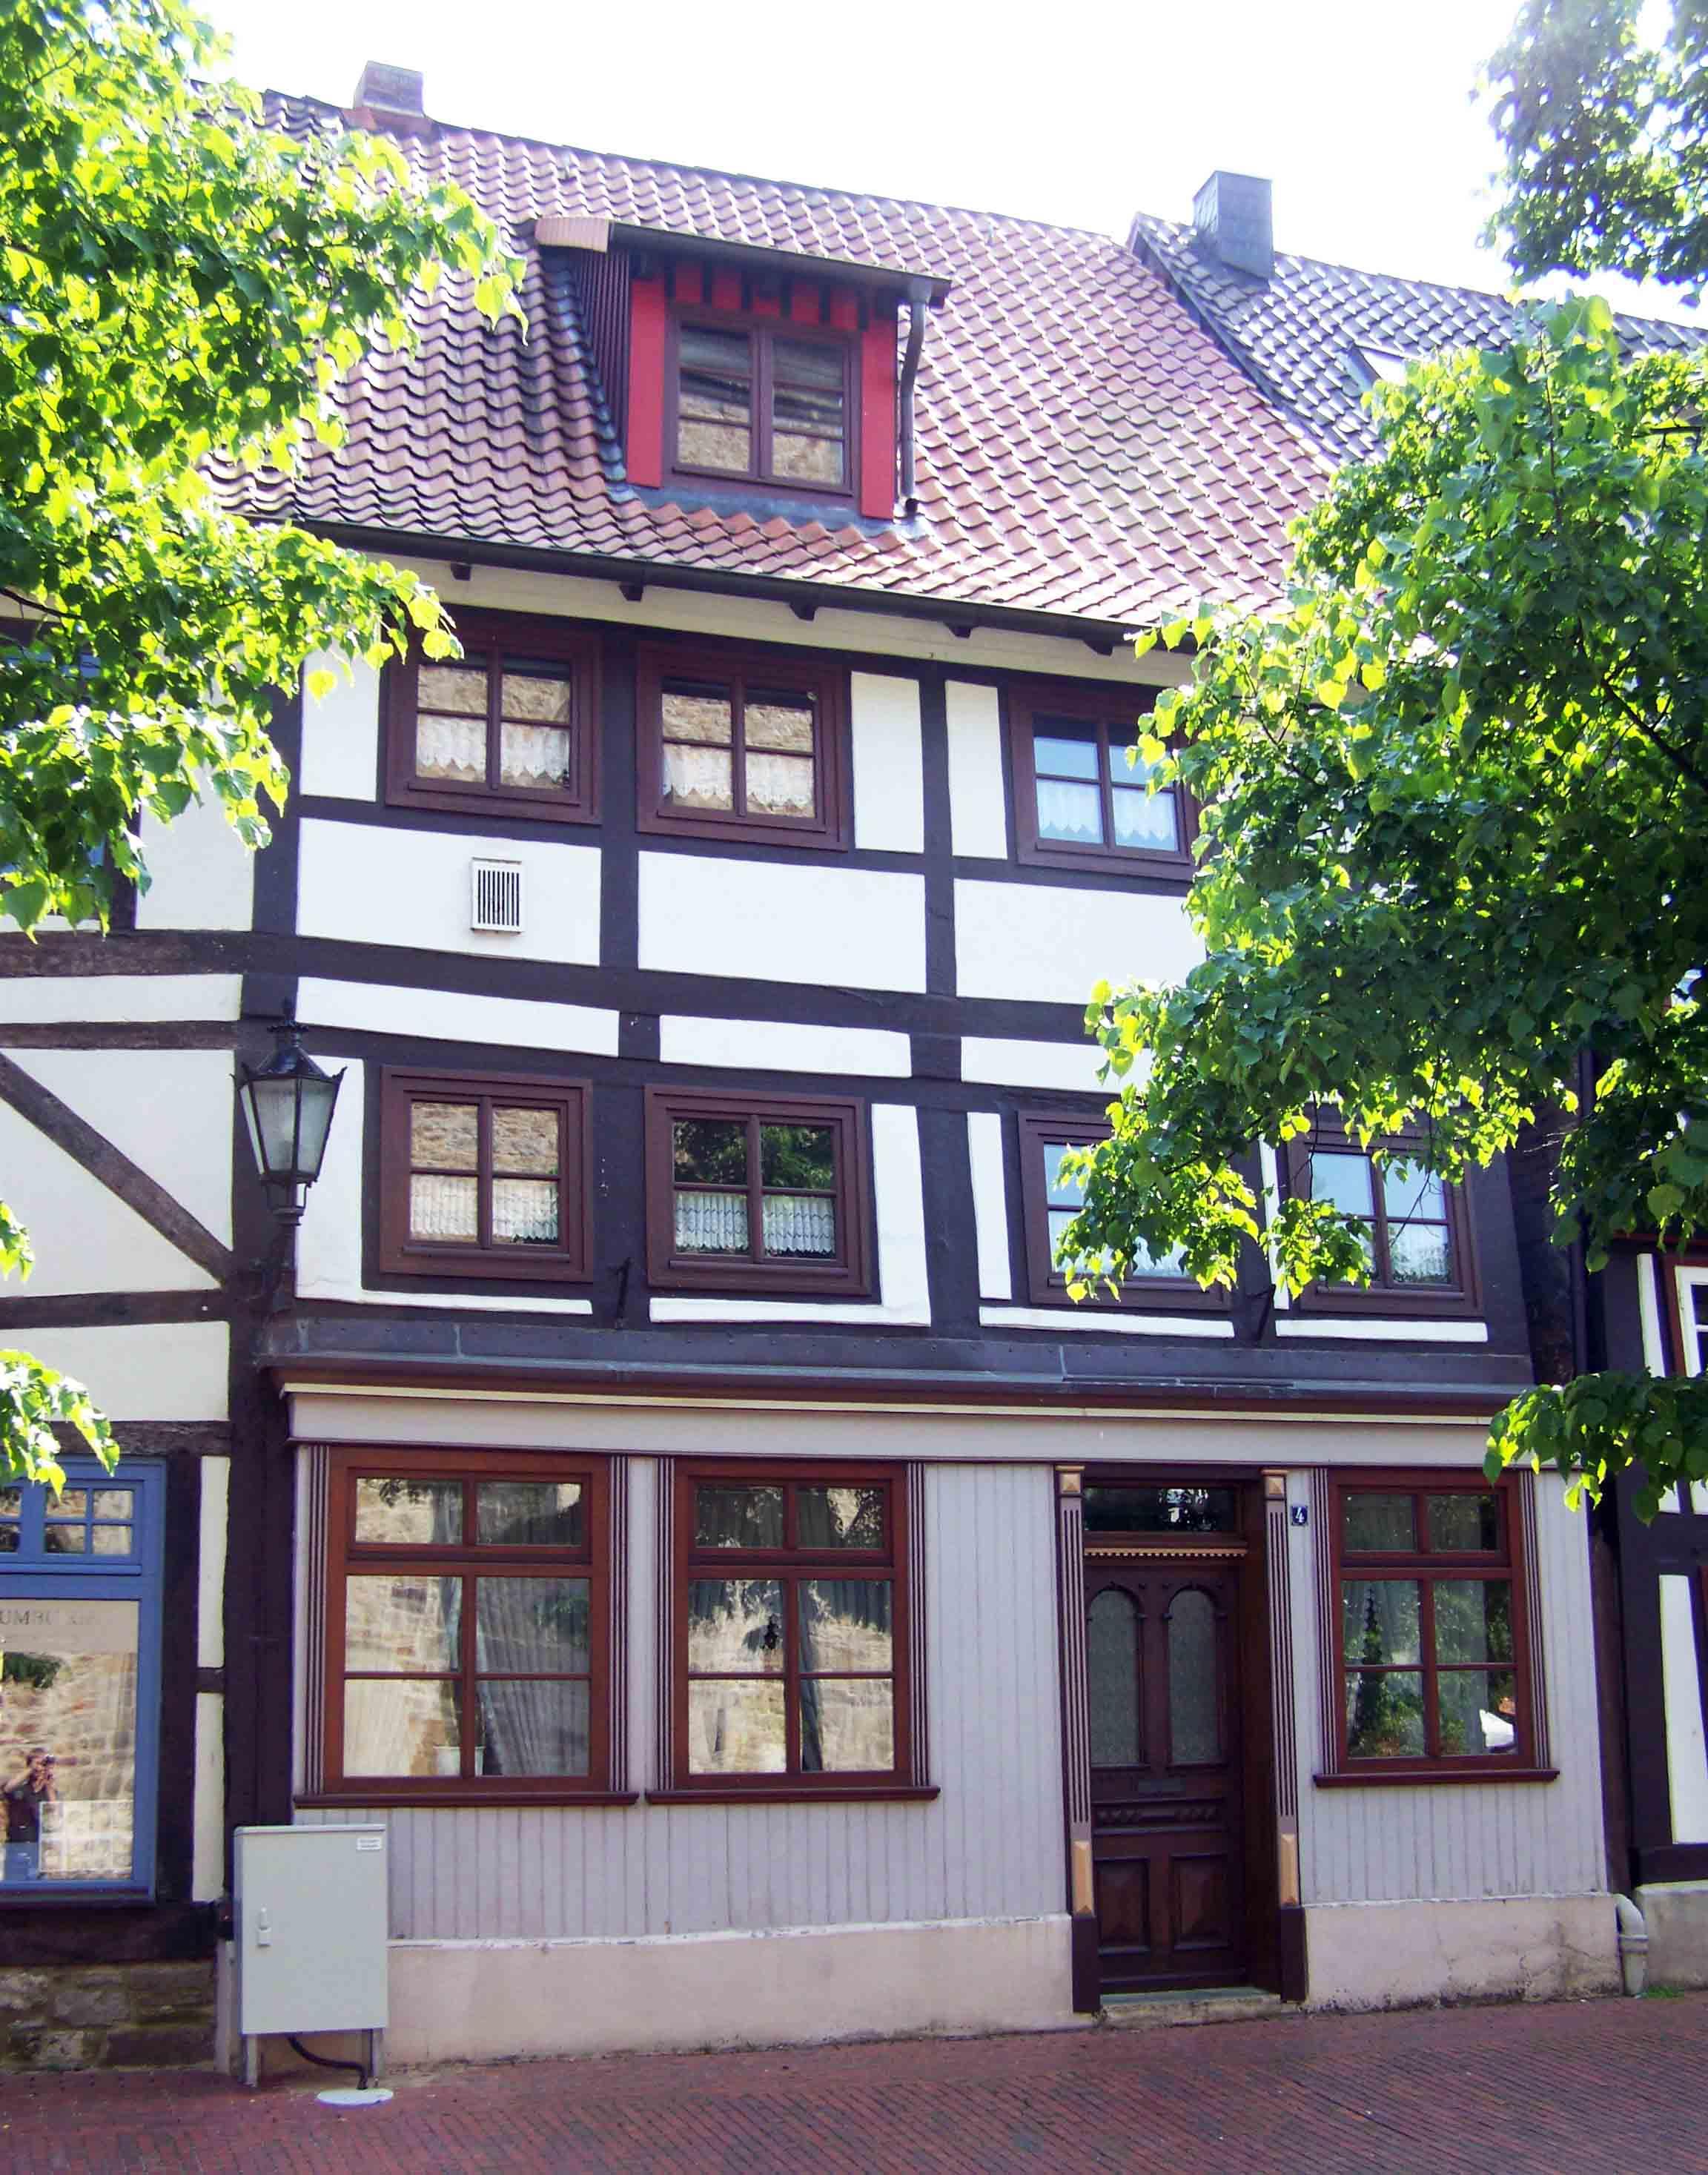 Volckmar-Haus am Kirchplatz in Rinteln